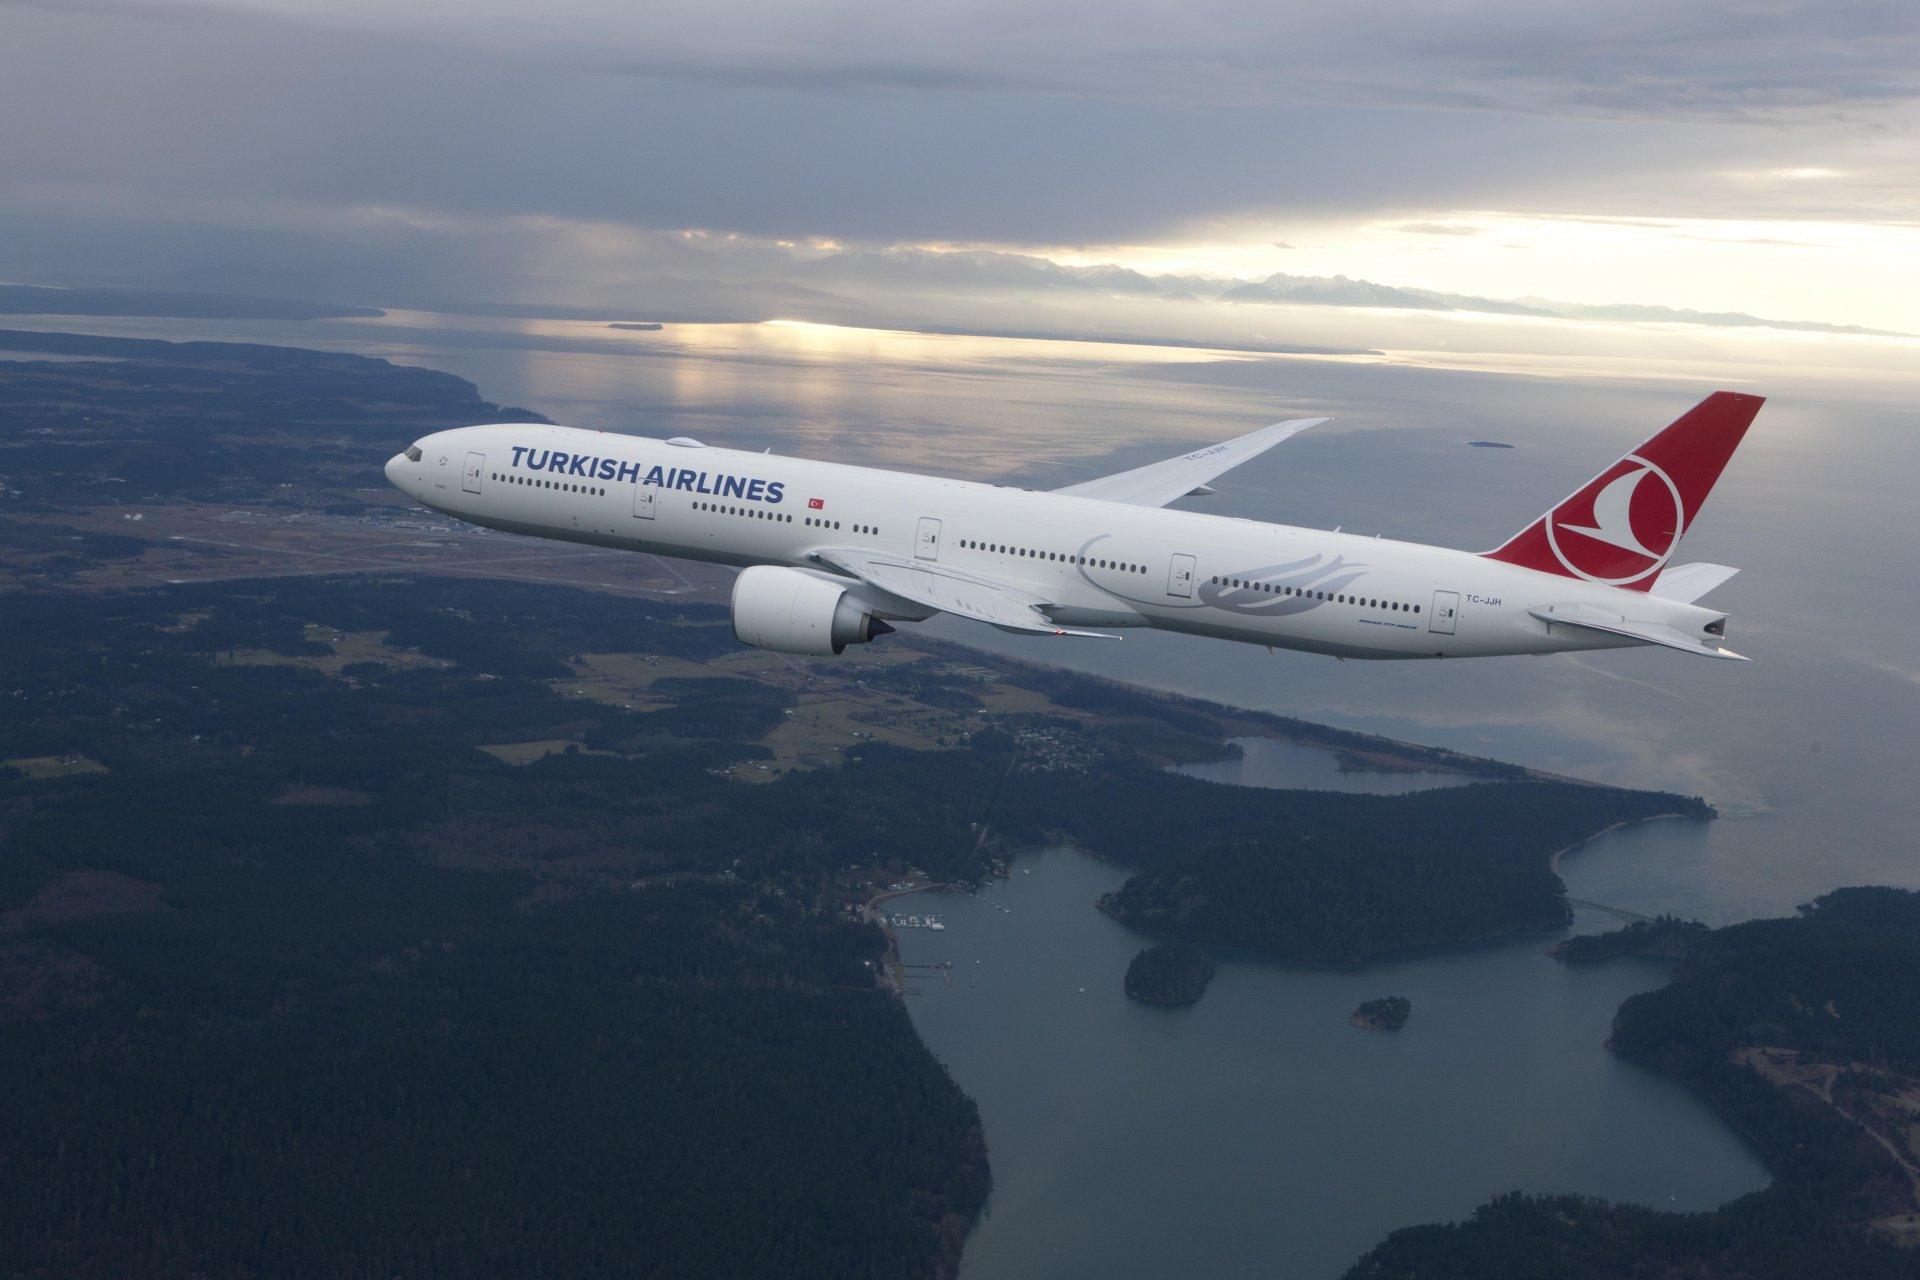 картинки самолеты турецкие авиалинии окружного бюджета